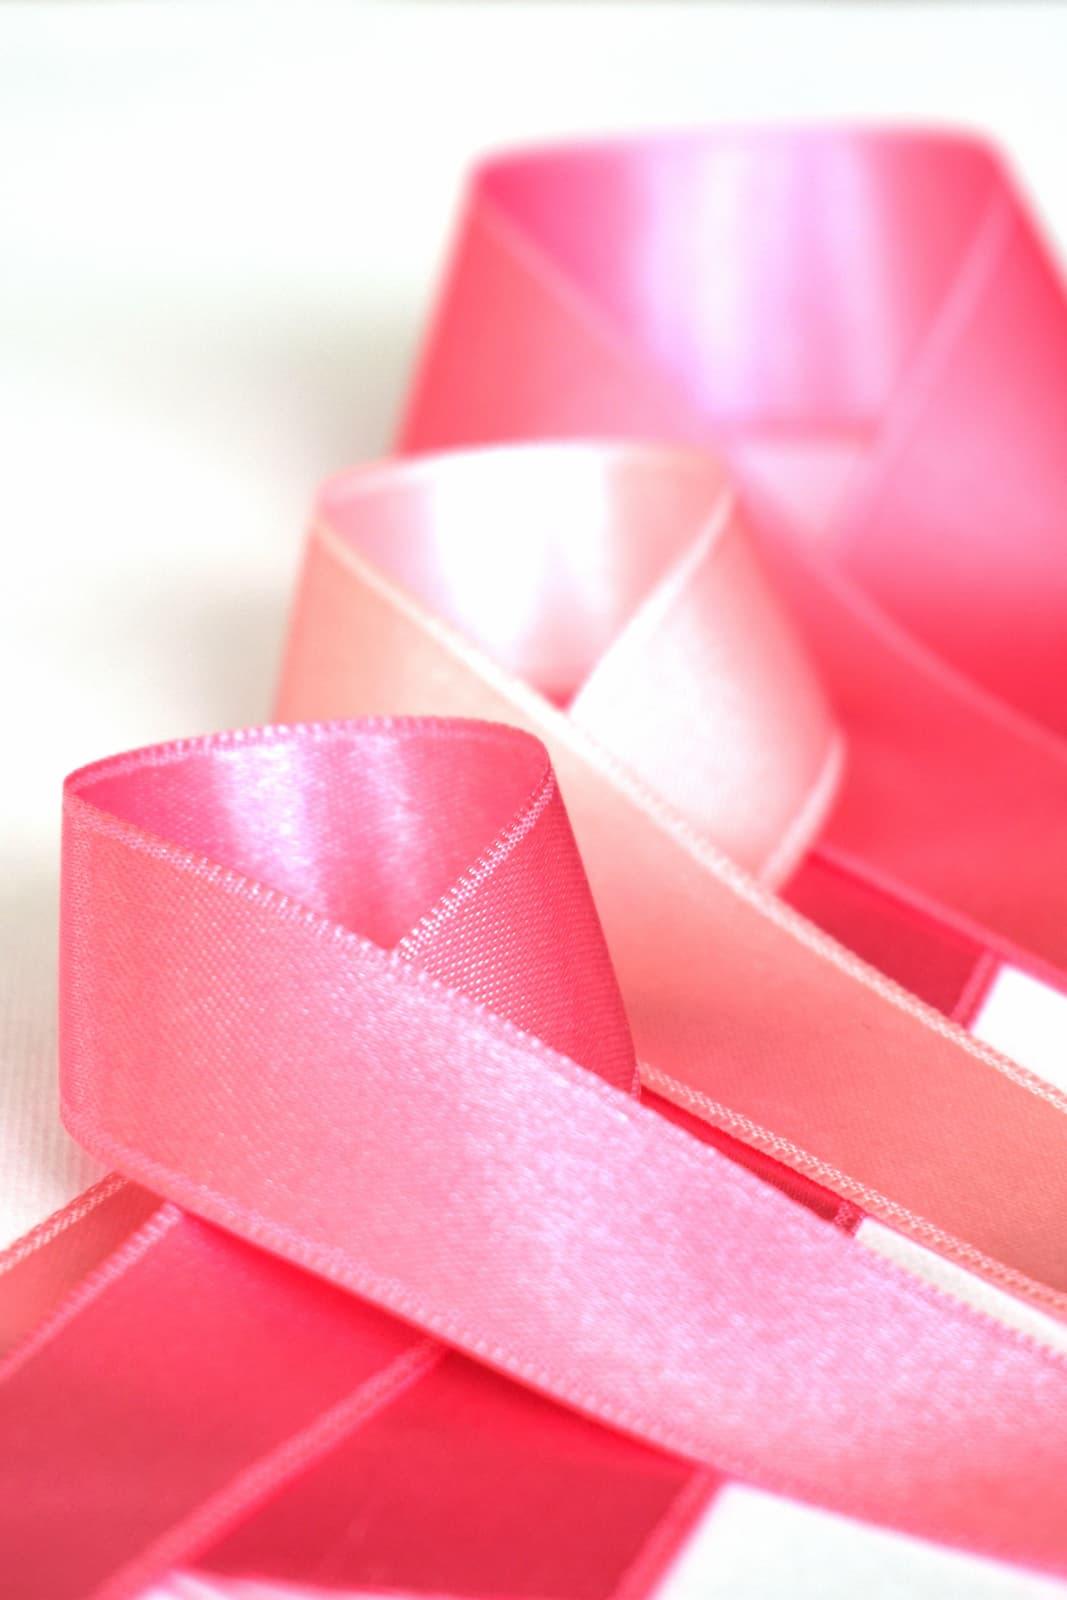 Pink Ribbons Inc, 2011